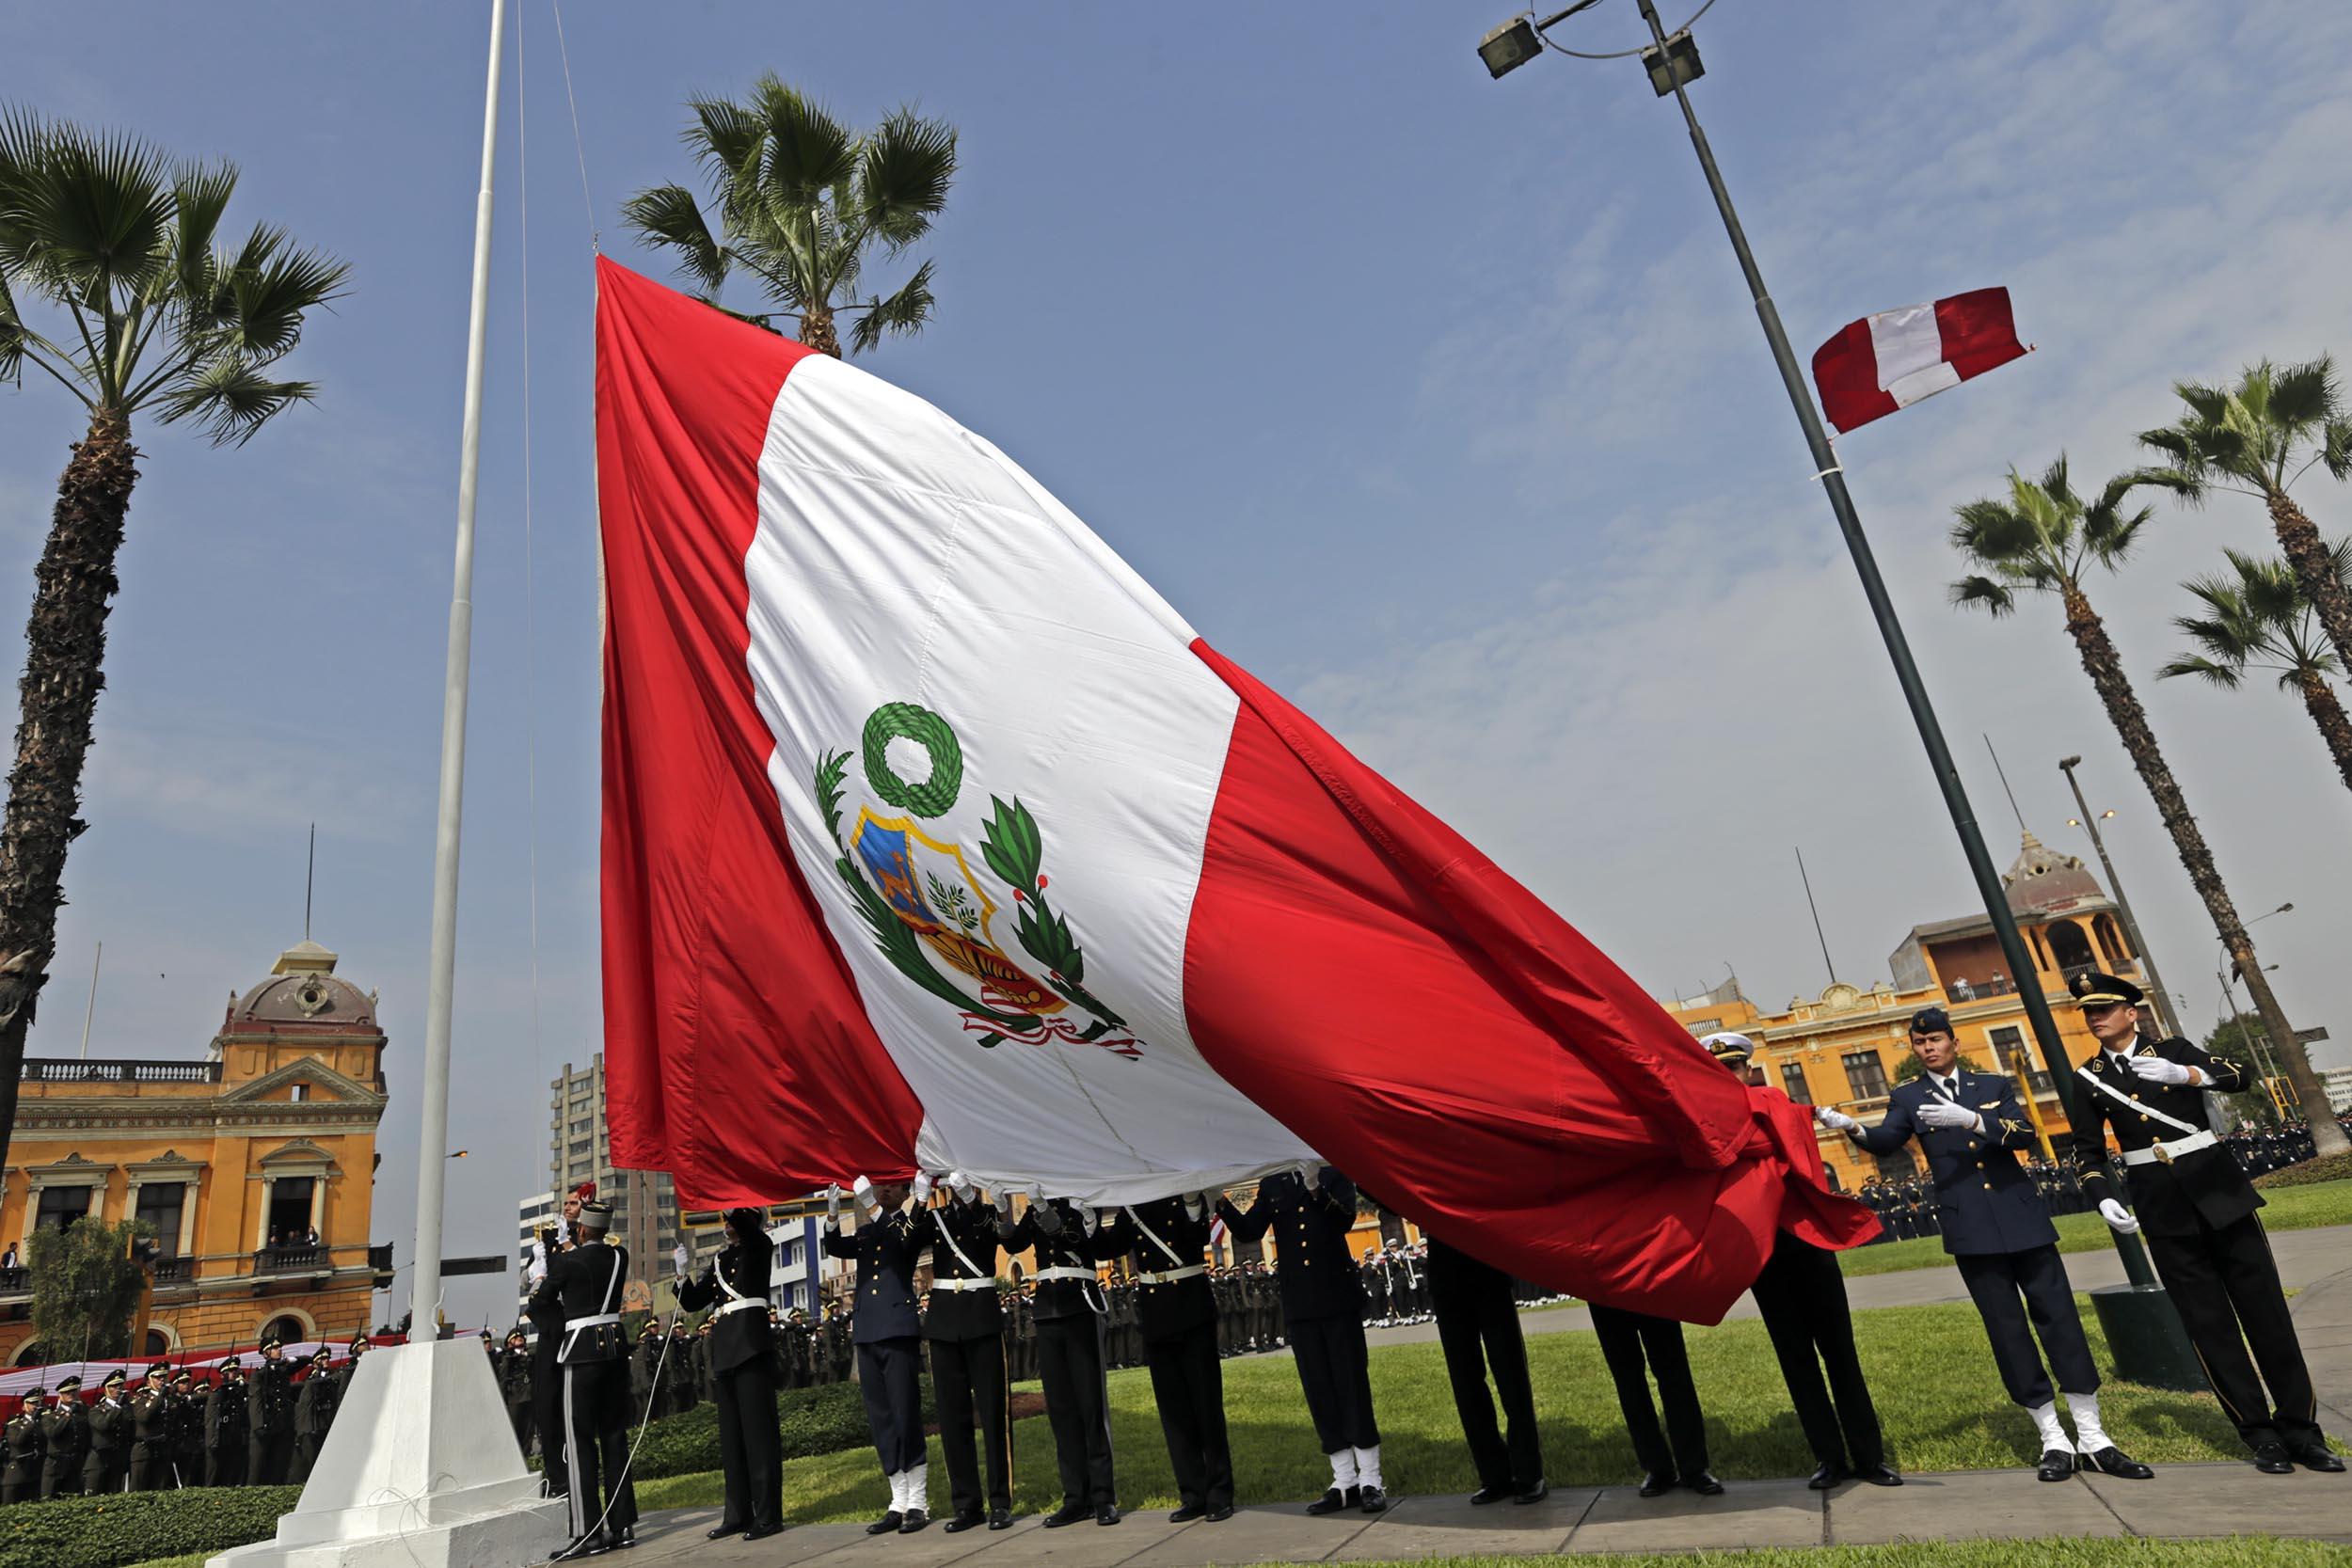 Marcha de banderas - Wikipedia, la enciclopedia libre